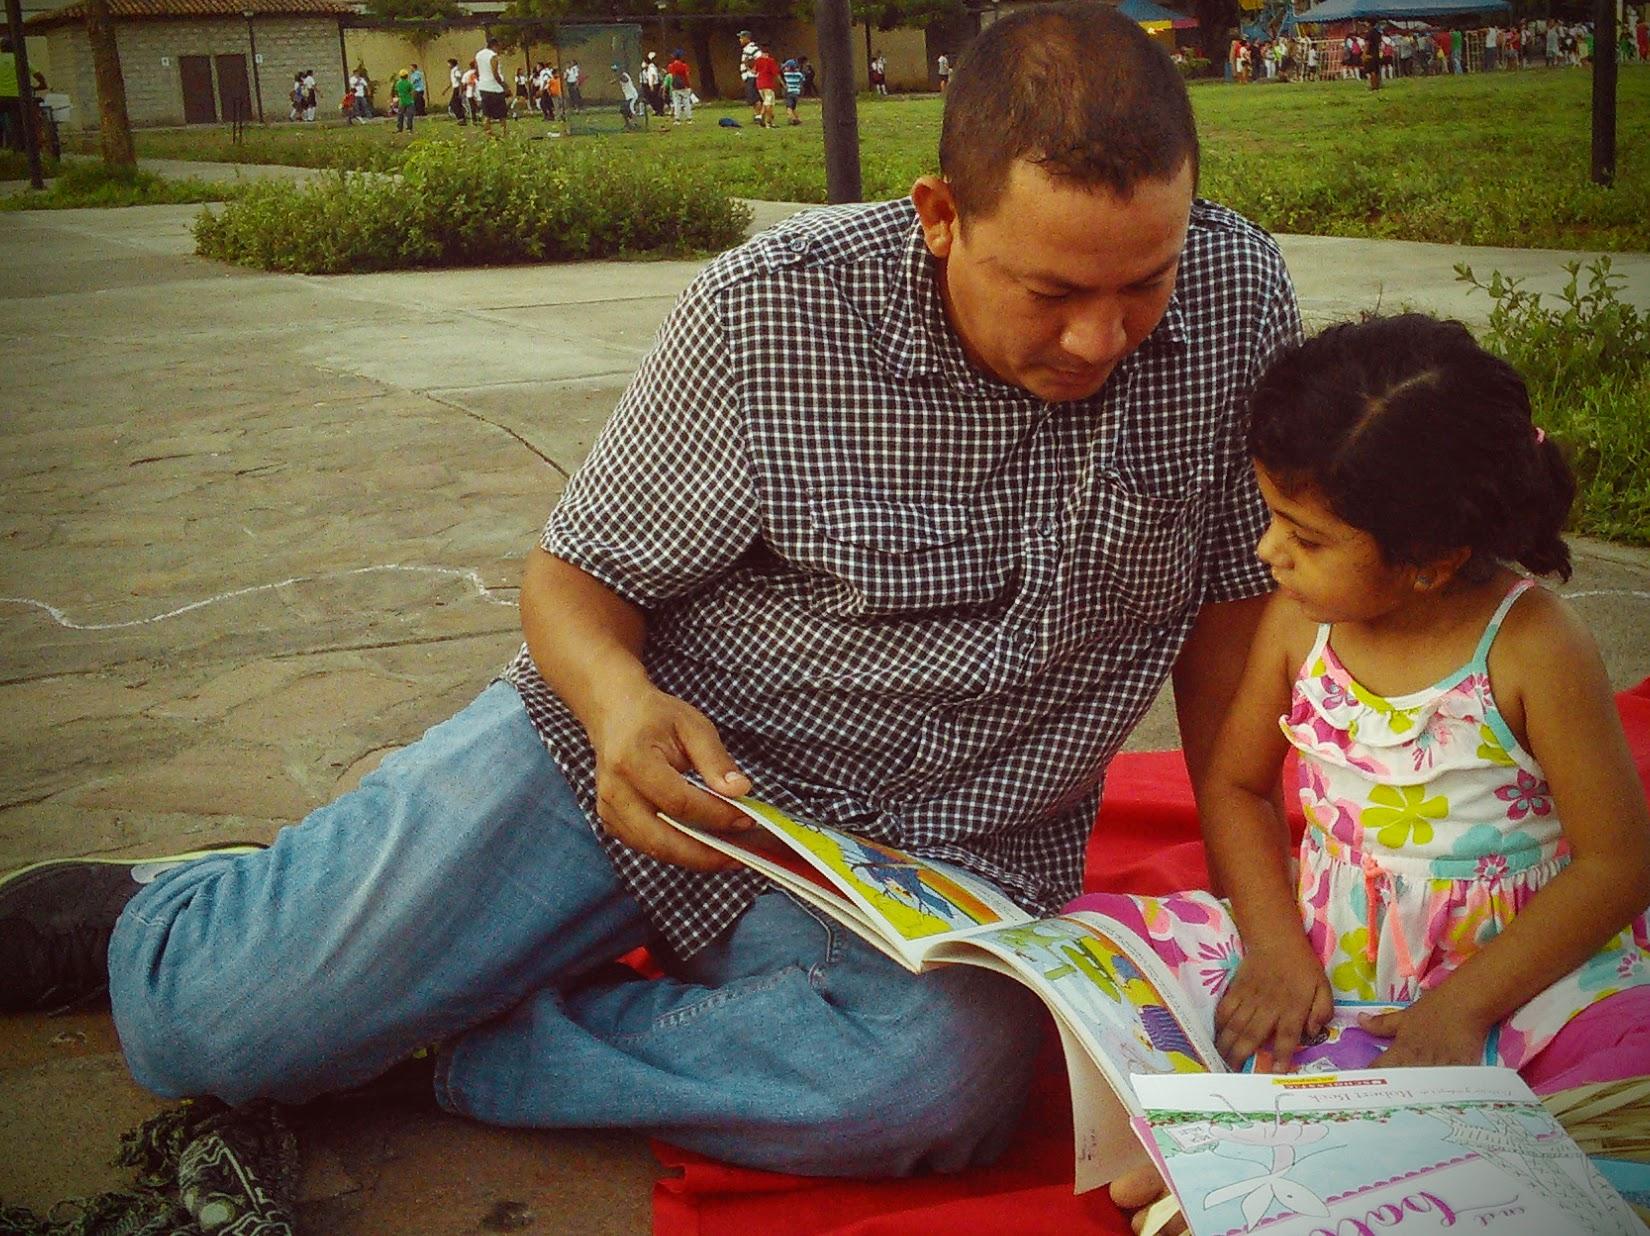 Dads Read Too! Viva León Leyendo